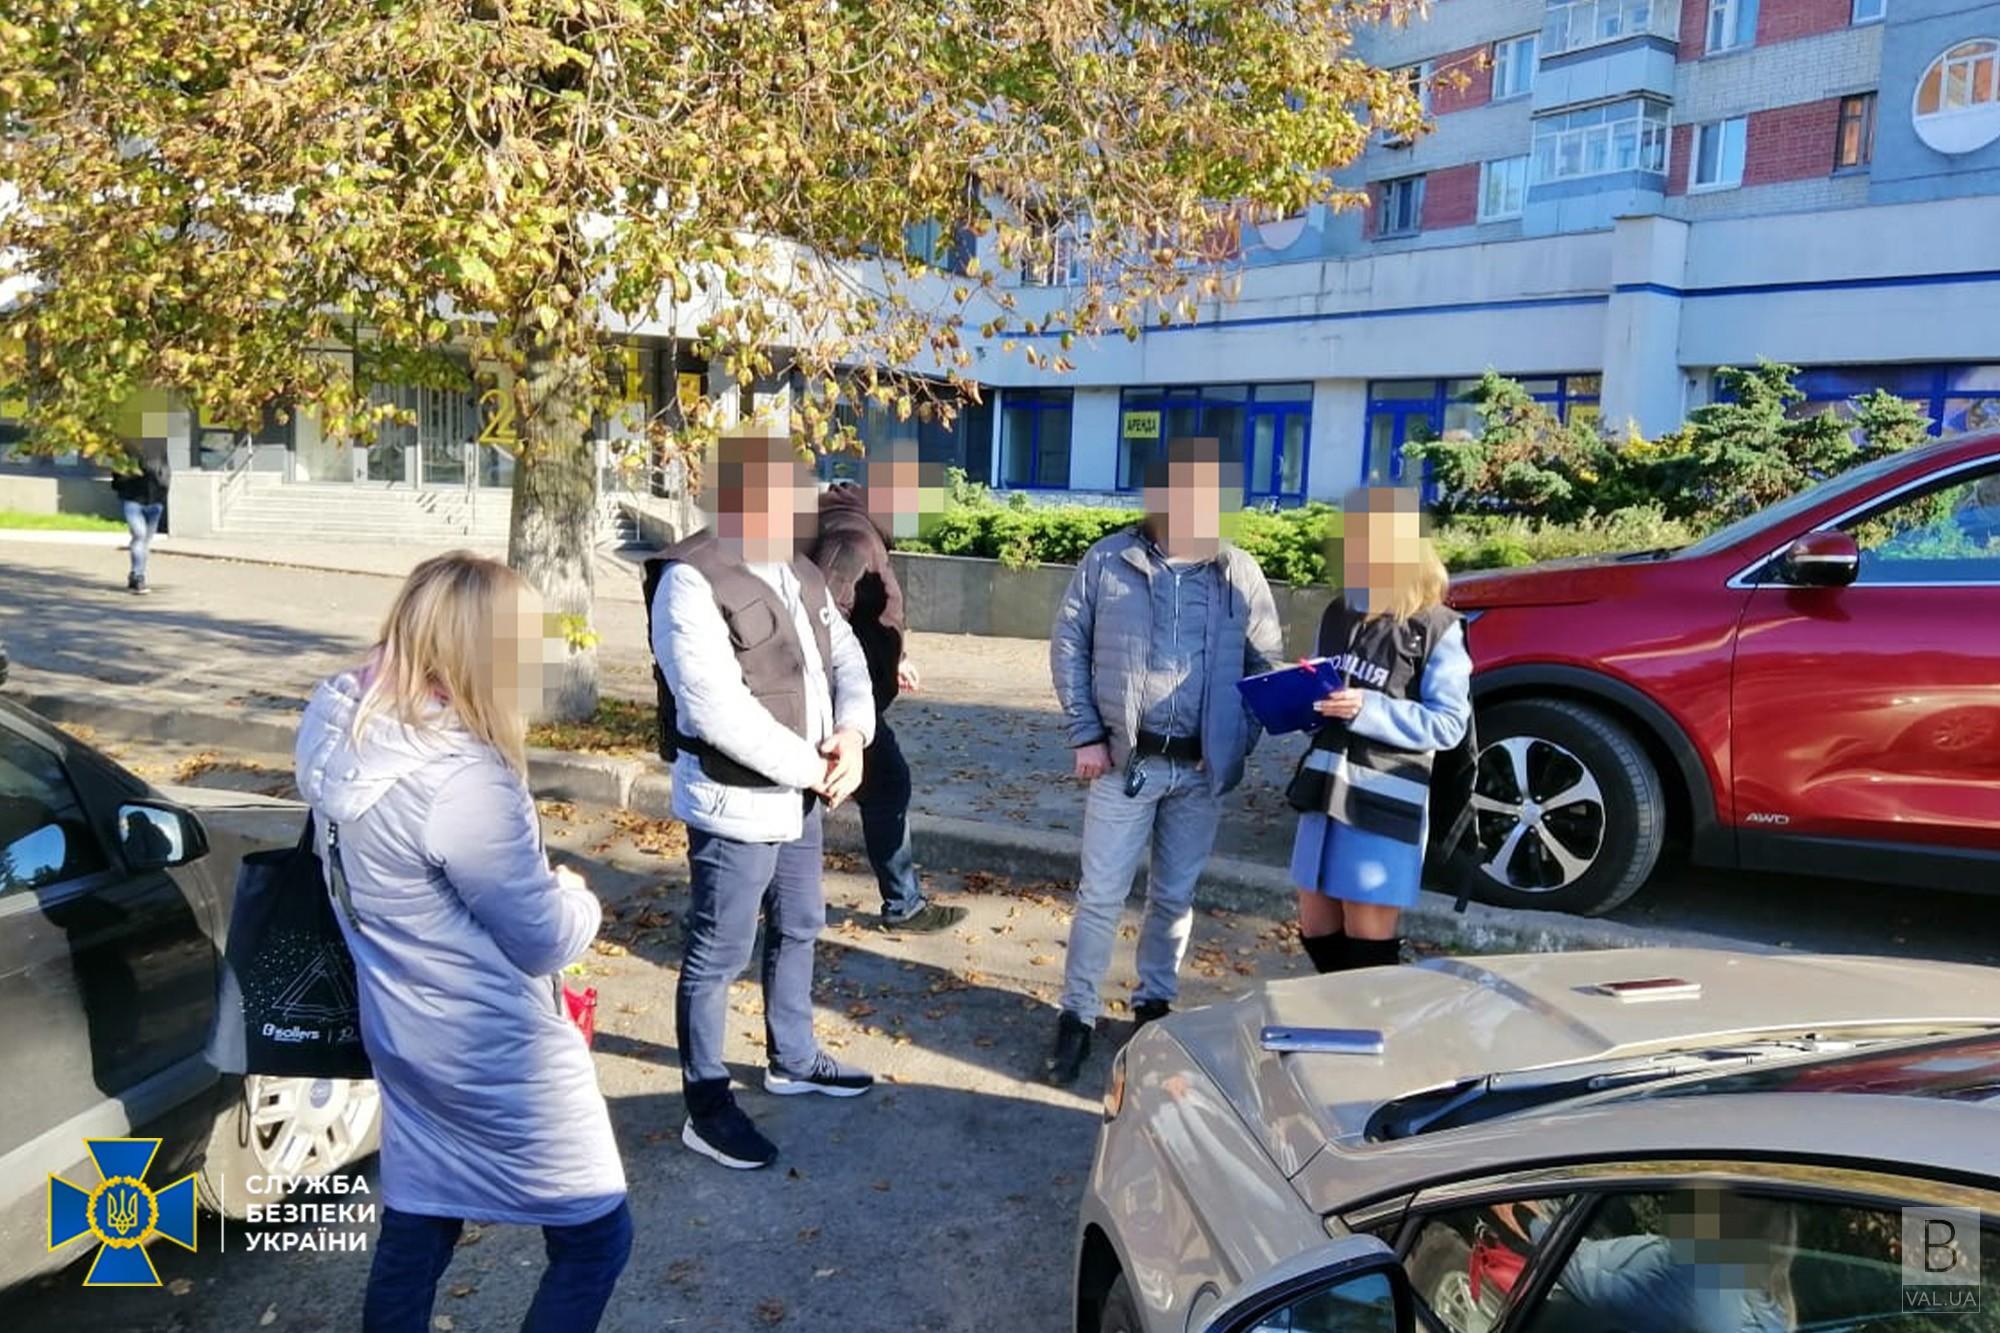 ПЛР-тест за 500 гривень, COVID-сертифікат – 1500: двоє чернігівців видавали фальшиві довідки. ФОТО